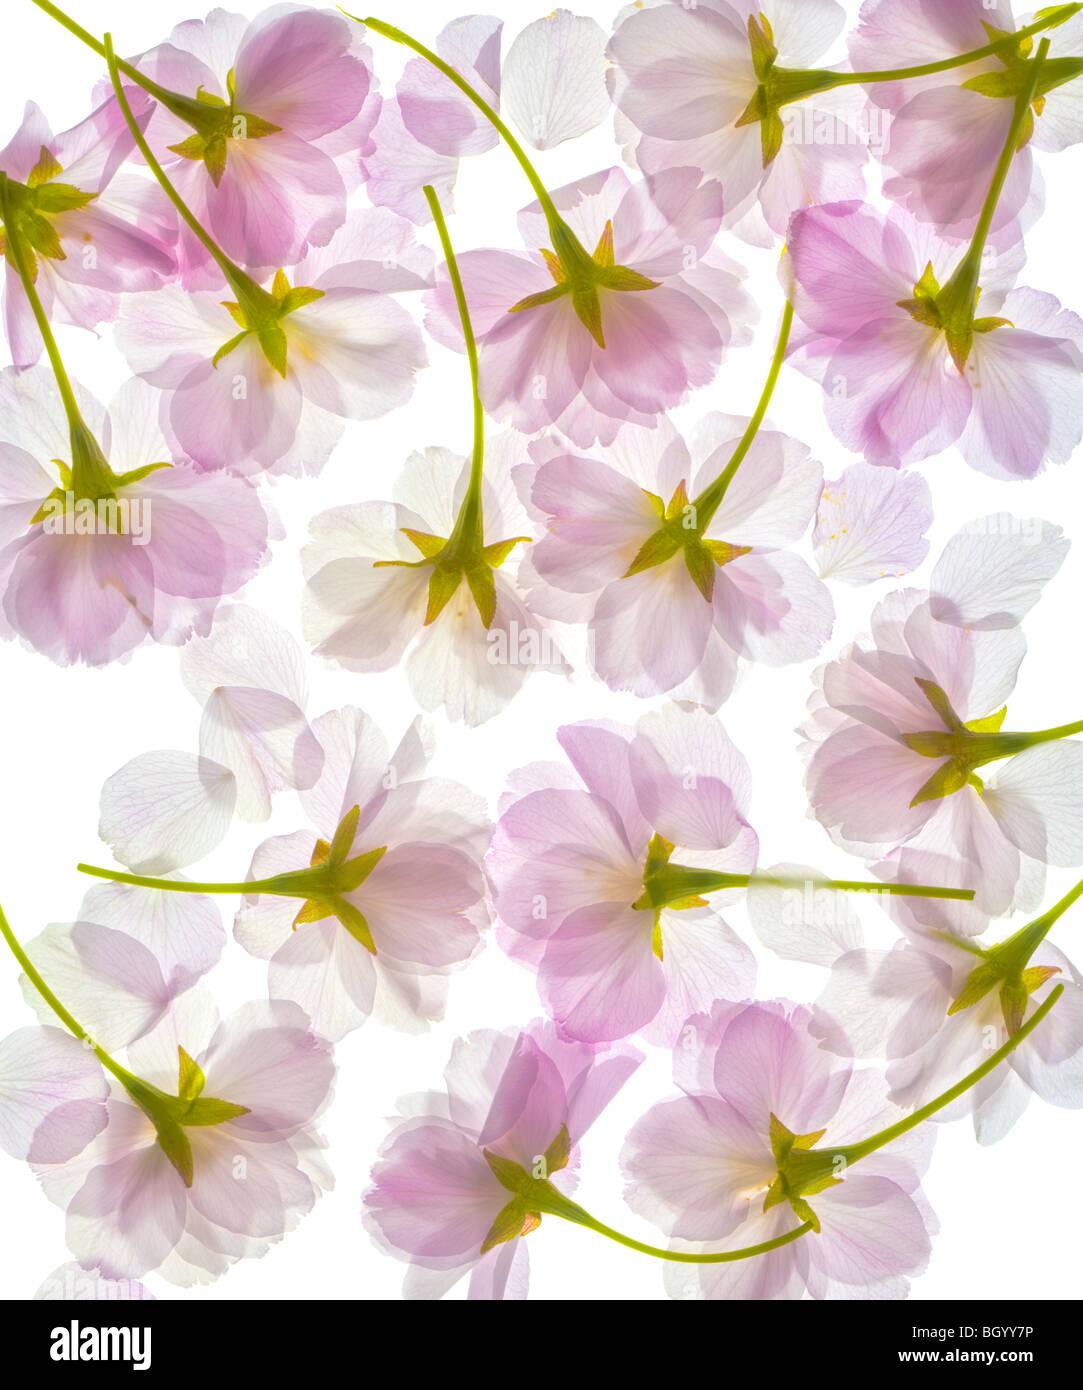 Translucide complètement fleur de cerisier, fleurs, pétales de fleurs. Modèle isolé sur un fond Photo Stock